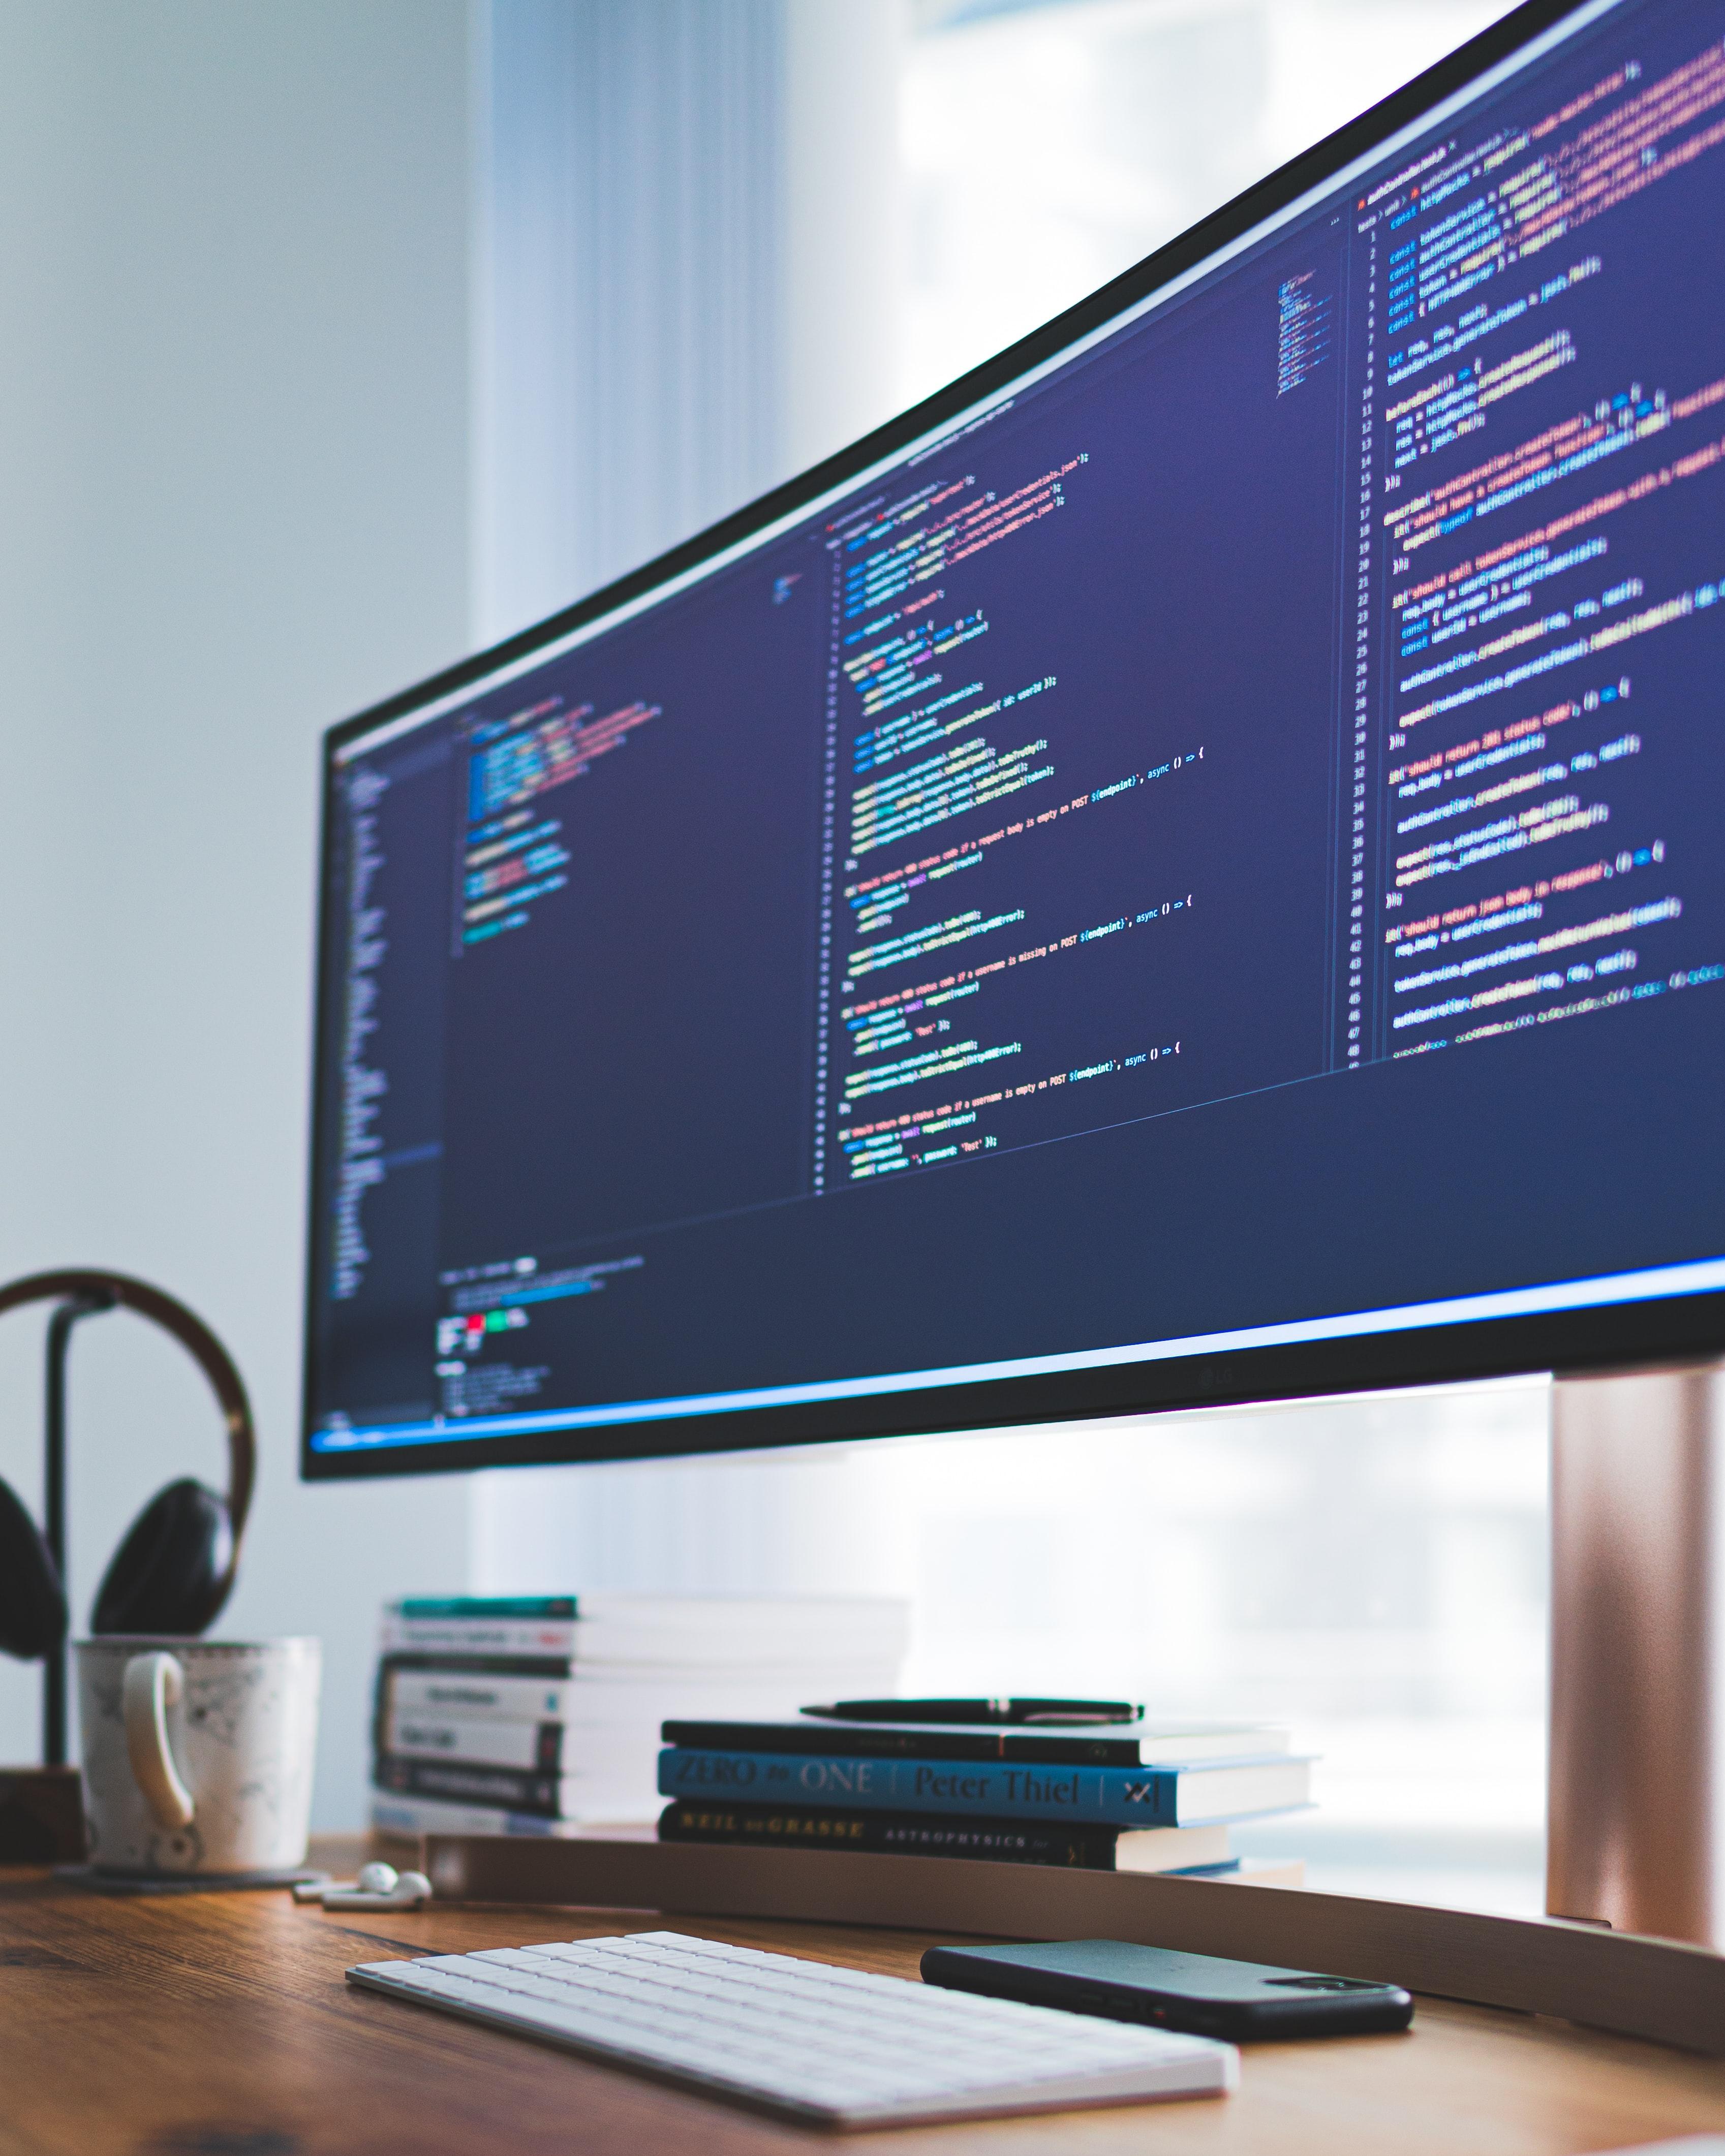 Monitor mit Programmcode  Zeilen